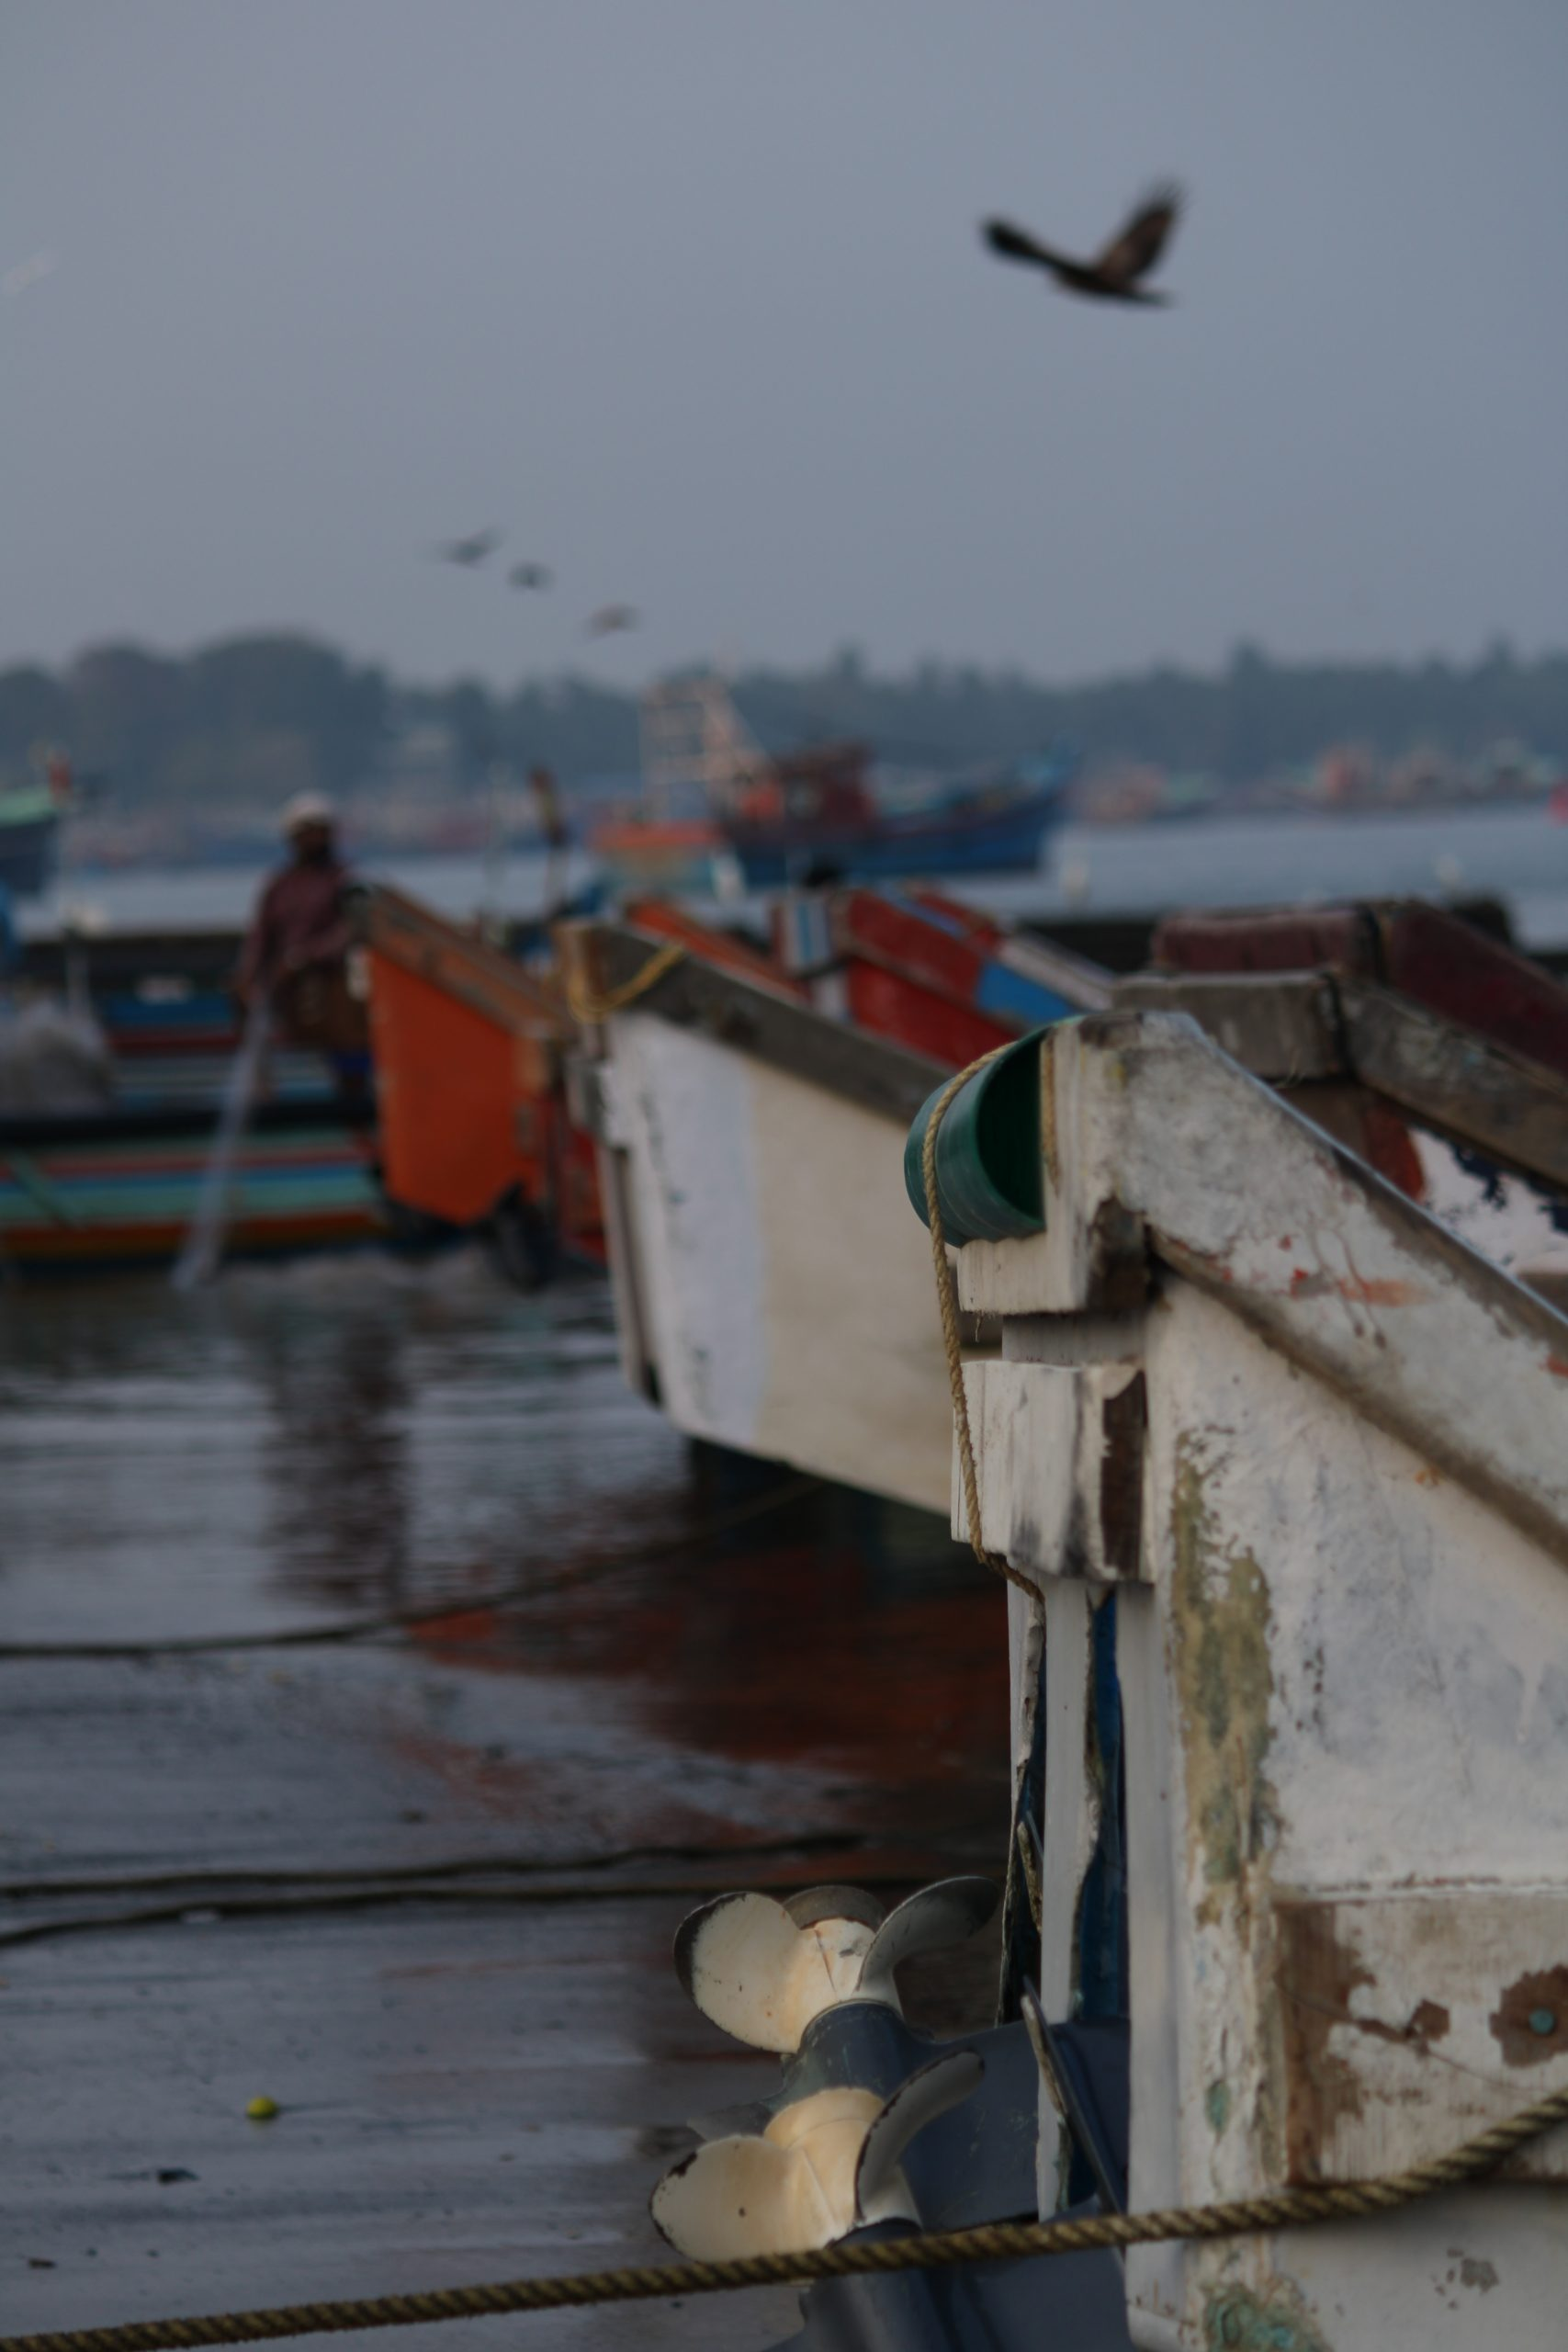 Boat parked near sea